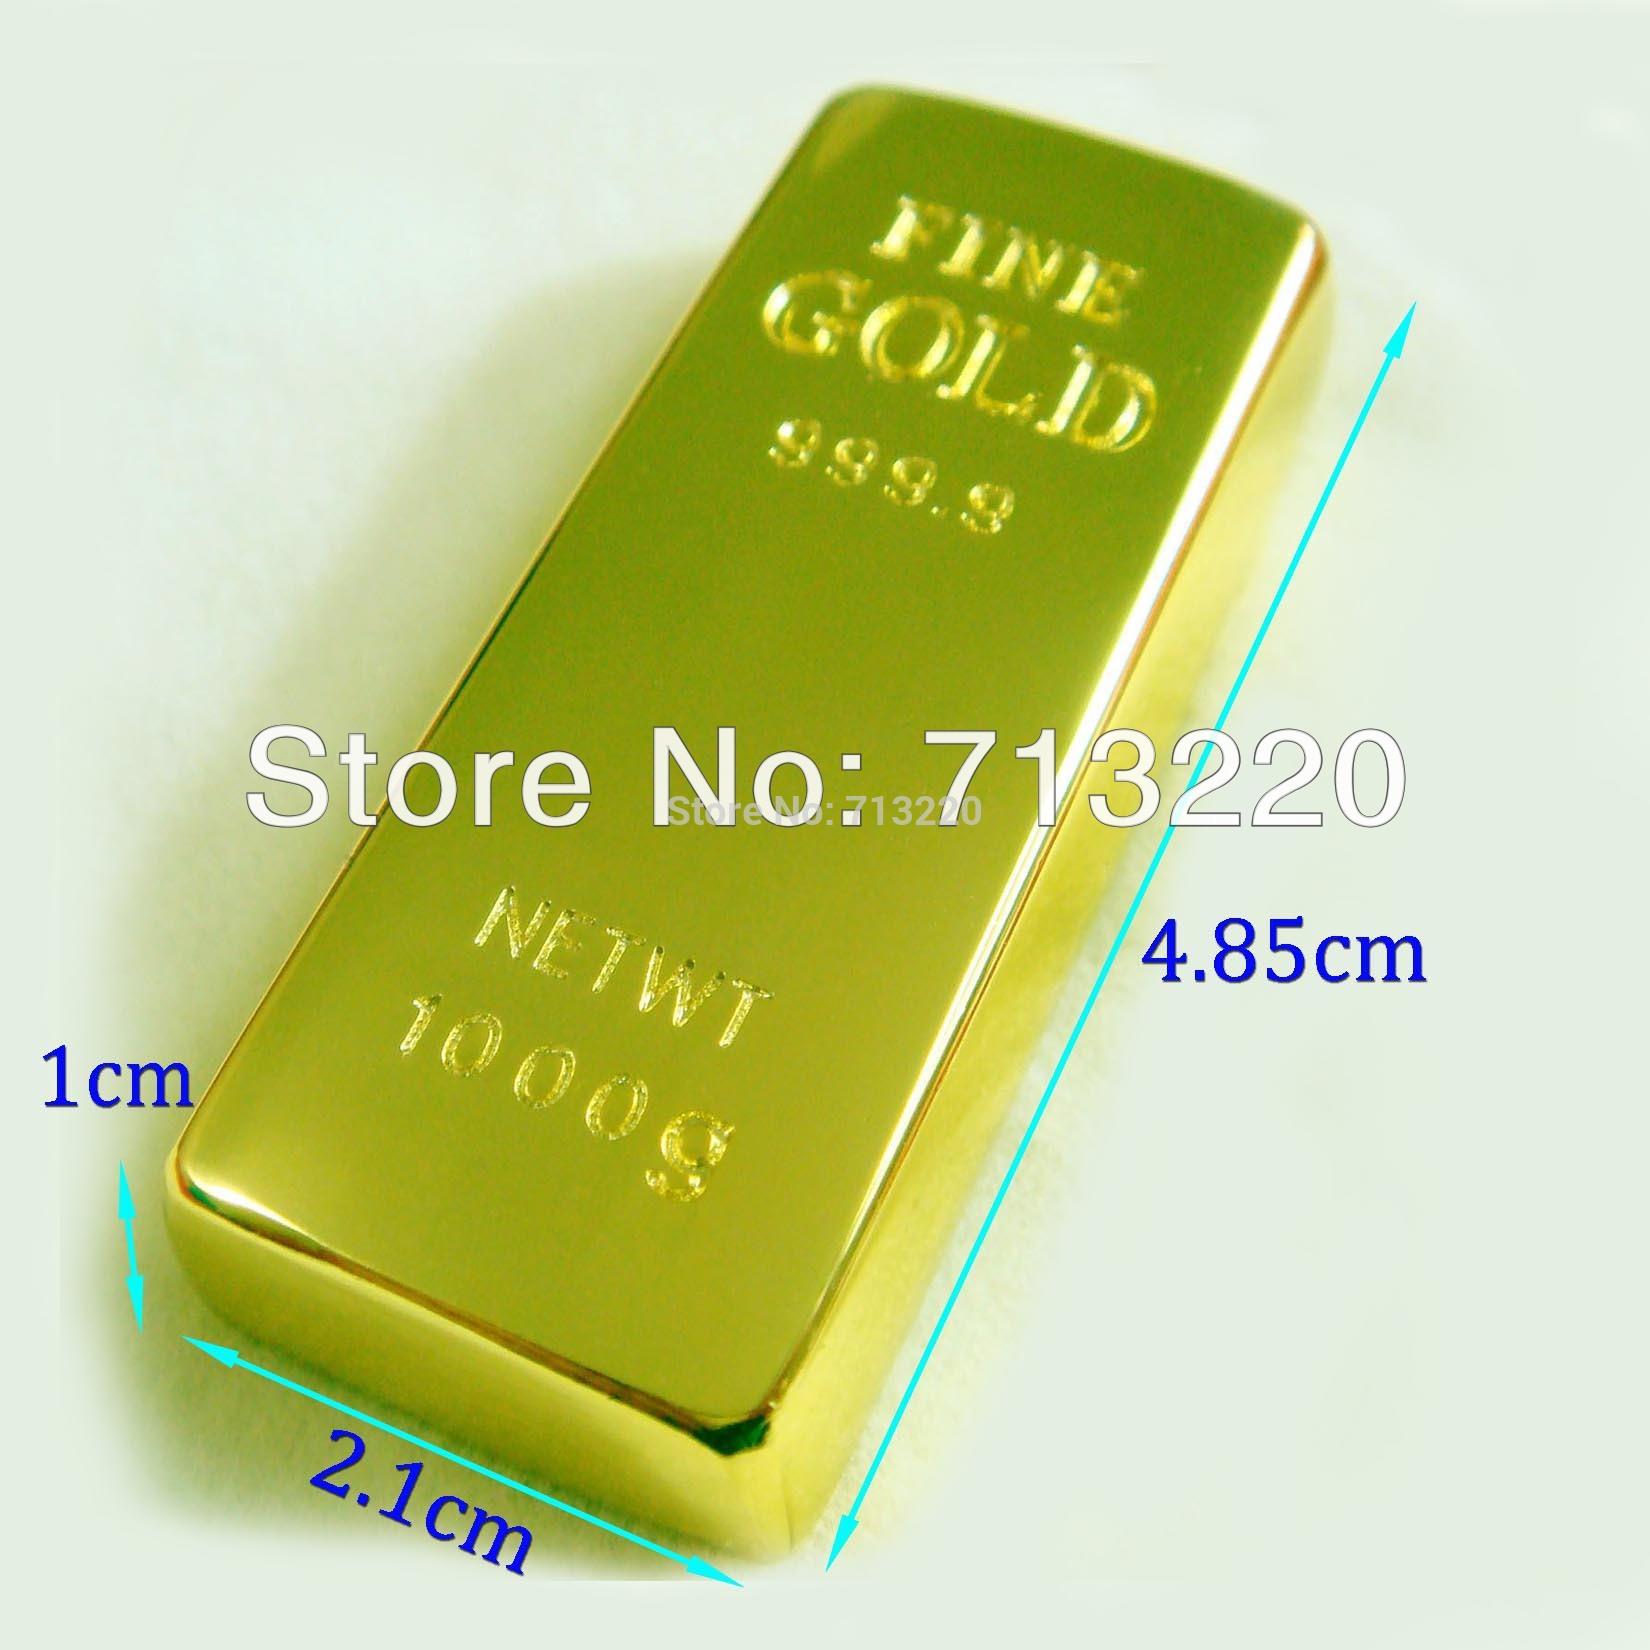 4GB USB Memory Stick 16GB Portable Flash Disk 2GB 8GB 32GB Thumb Stick Free Shipment Genuine True Capacity!(China (Mainland))